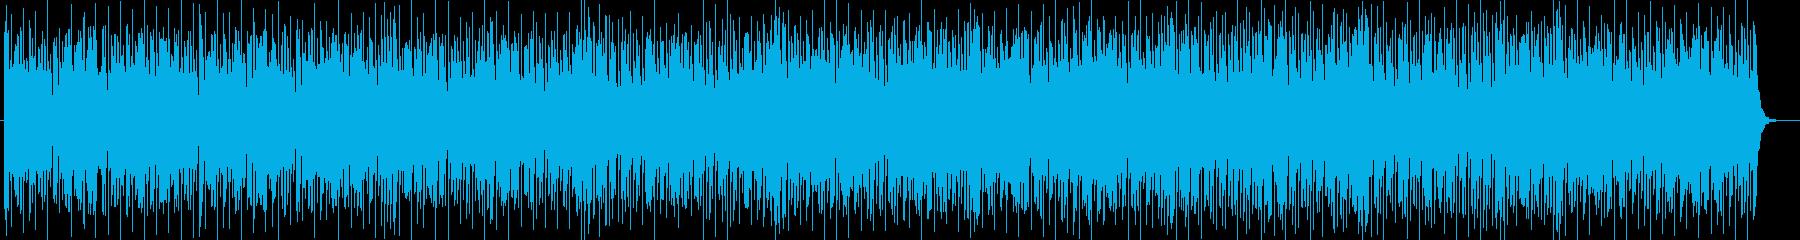 リズミカルなスローテンポのテクノポップの再生済みの波形